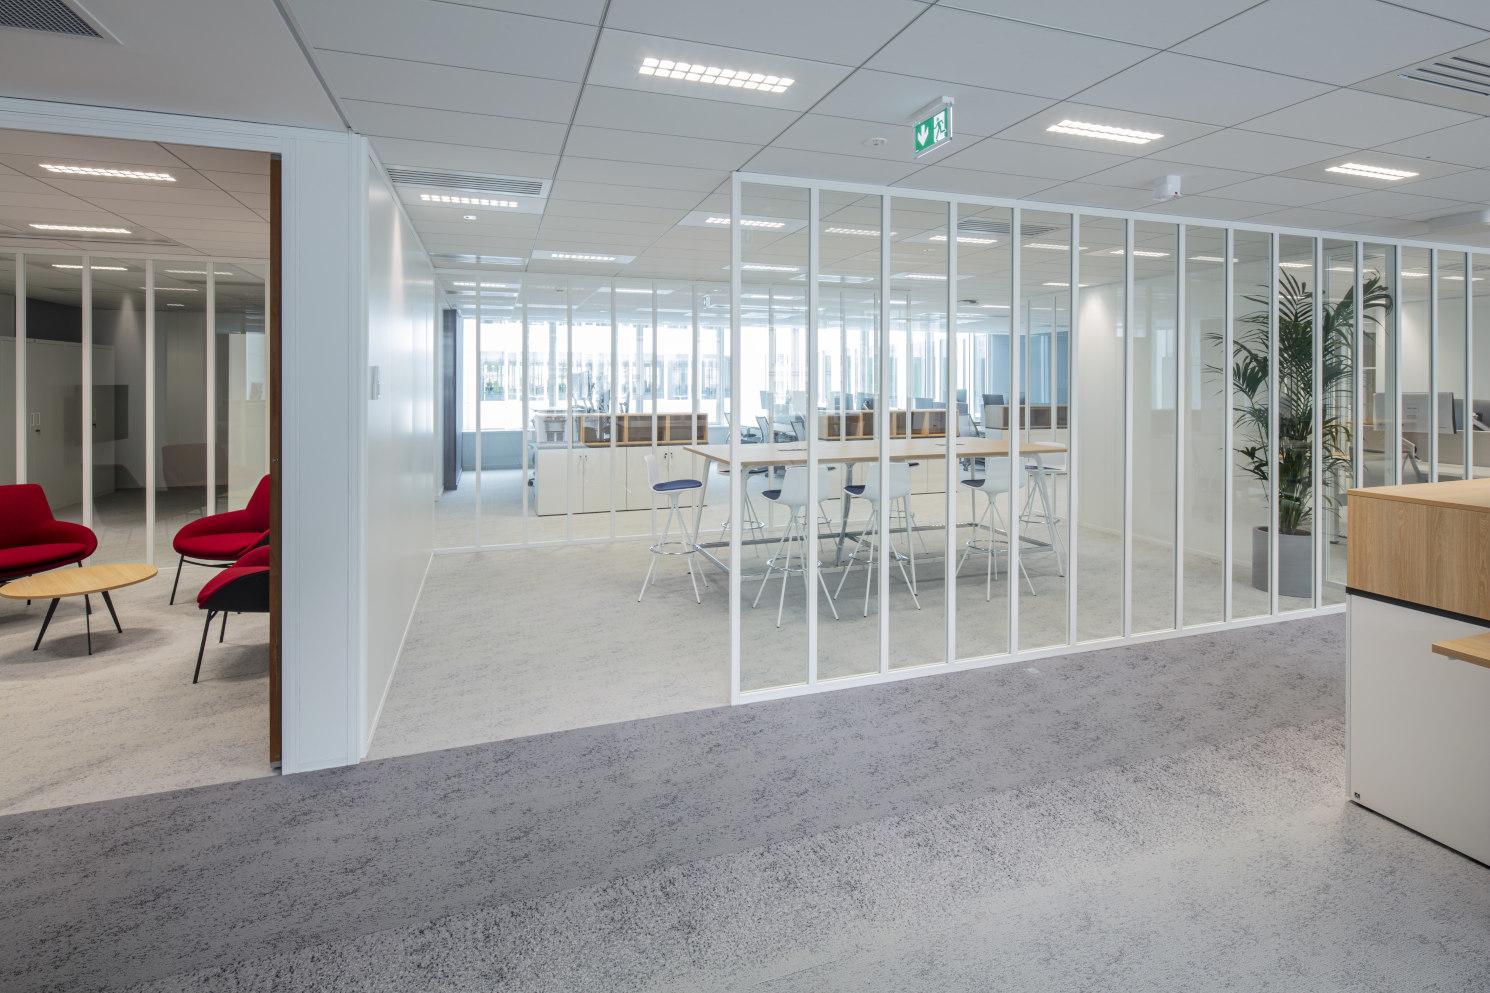 Altarea - siège social 87 rue de Richelieu à Paris - cloison amovible open-space simple vitrage bord à bord Partena 40 Vision